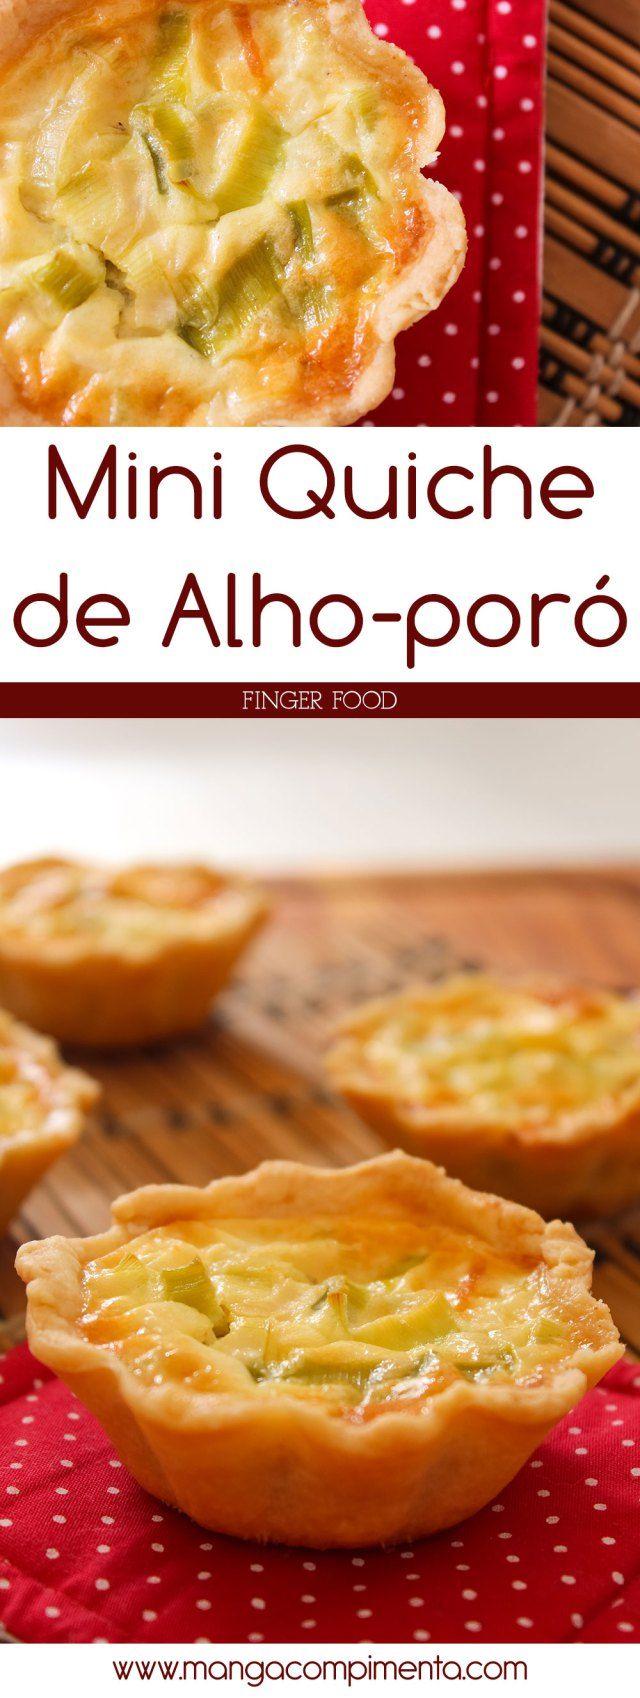 Mini Quiche de Alho-poró – Finger Food | Para servir em qualquer evento. #receitas #receita #comida #fingerfood #quiche #vegetariano